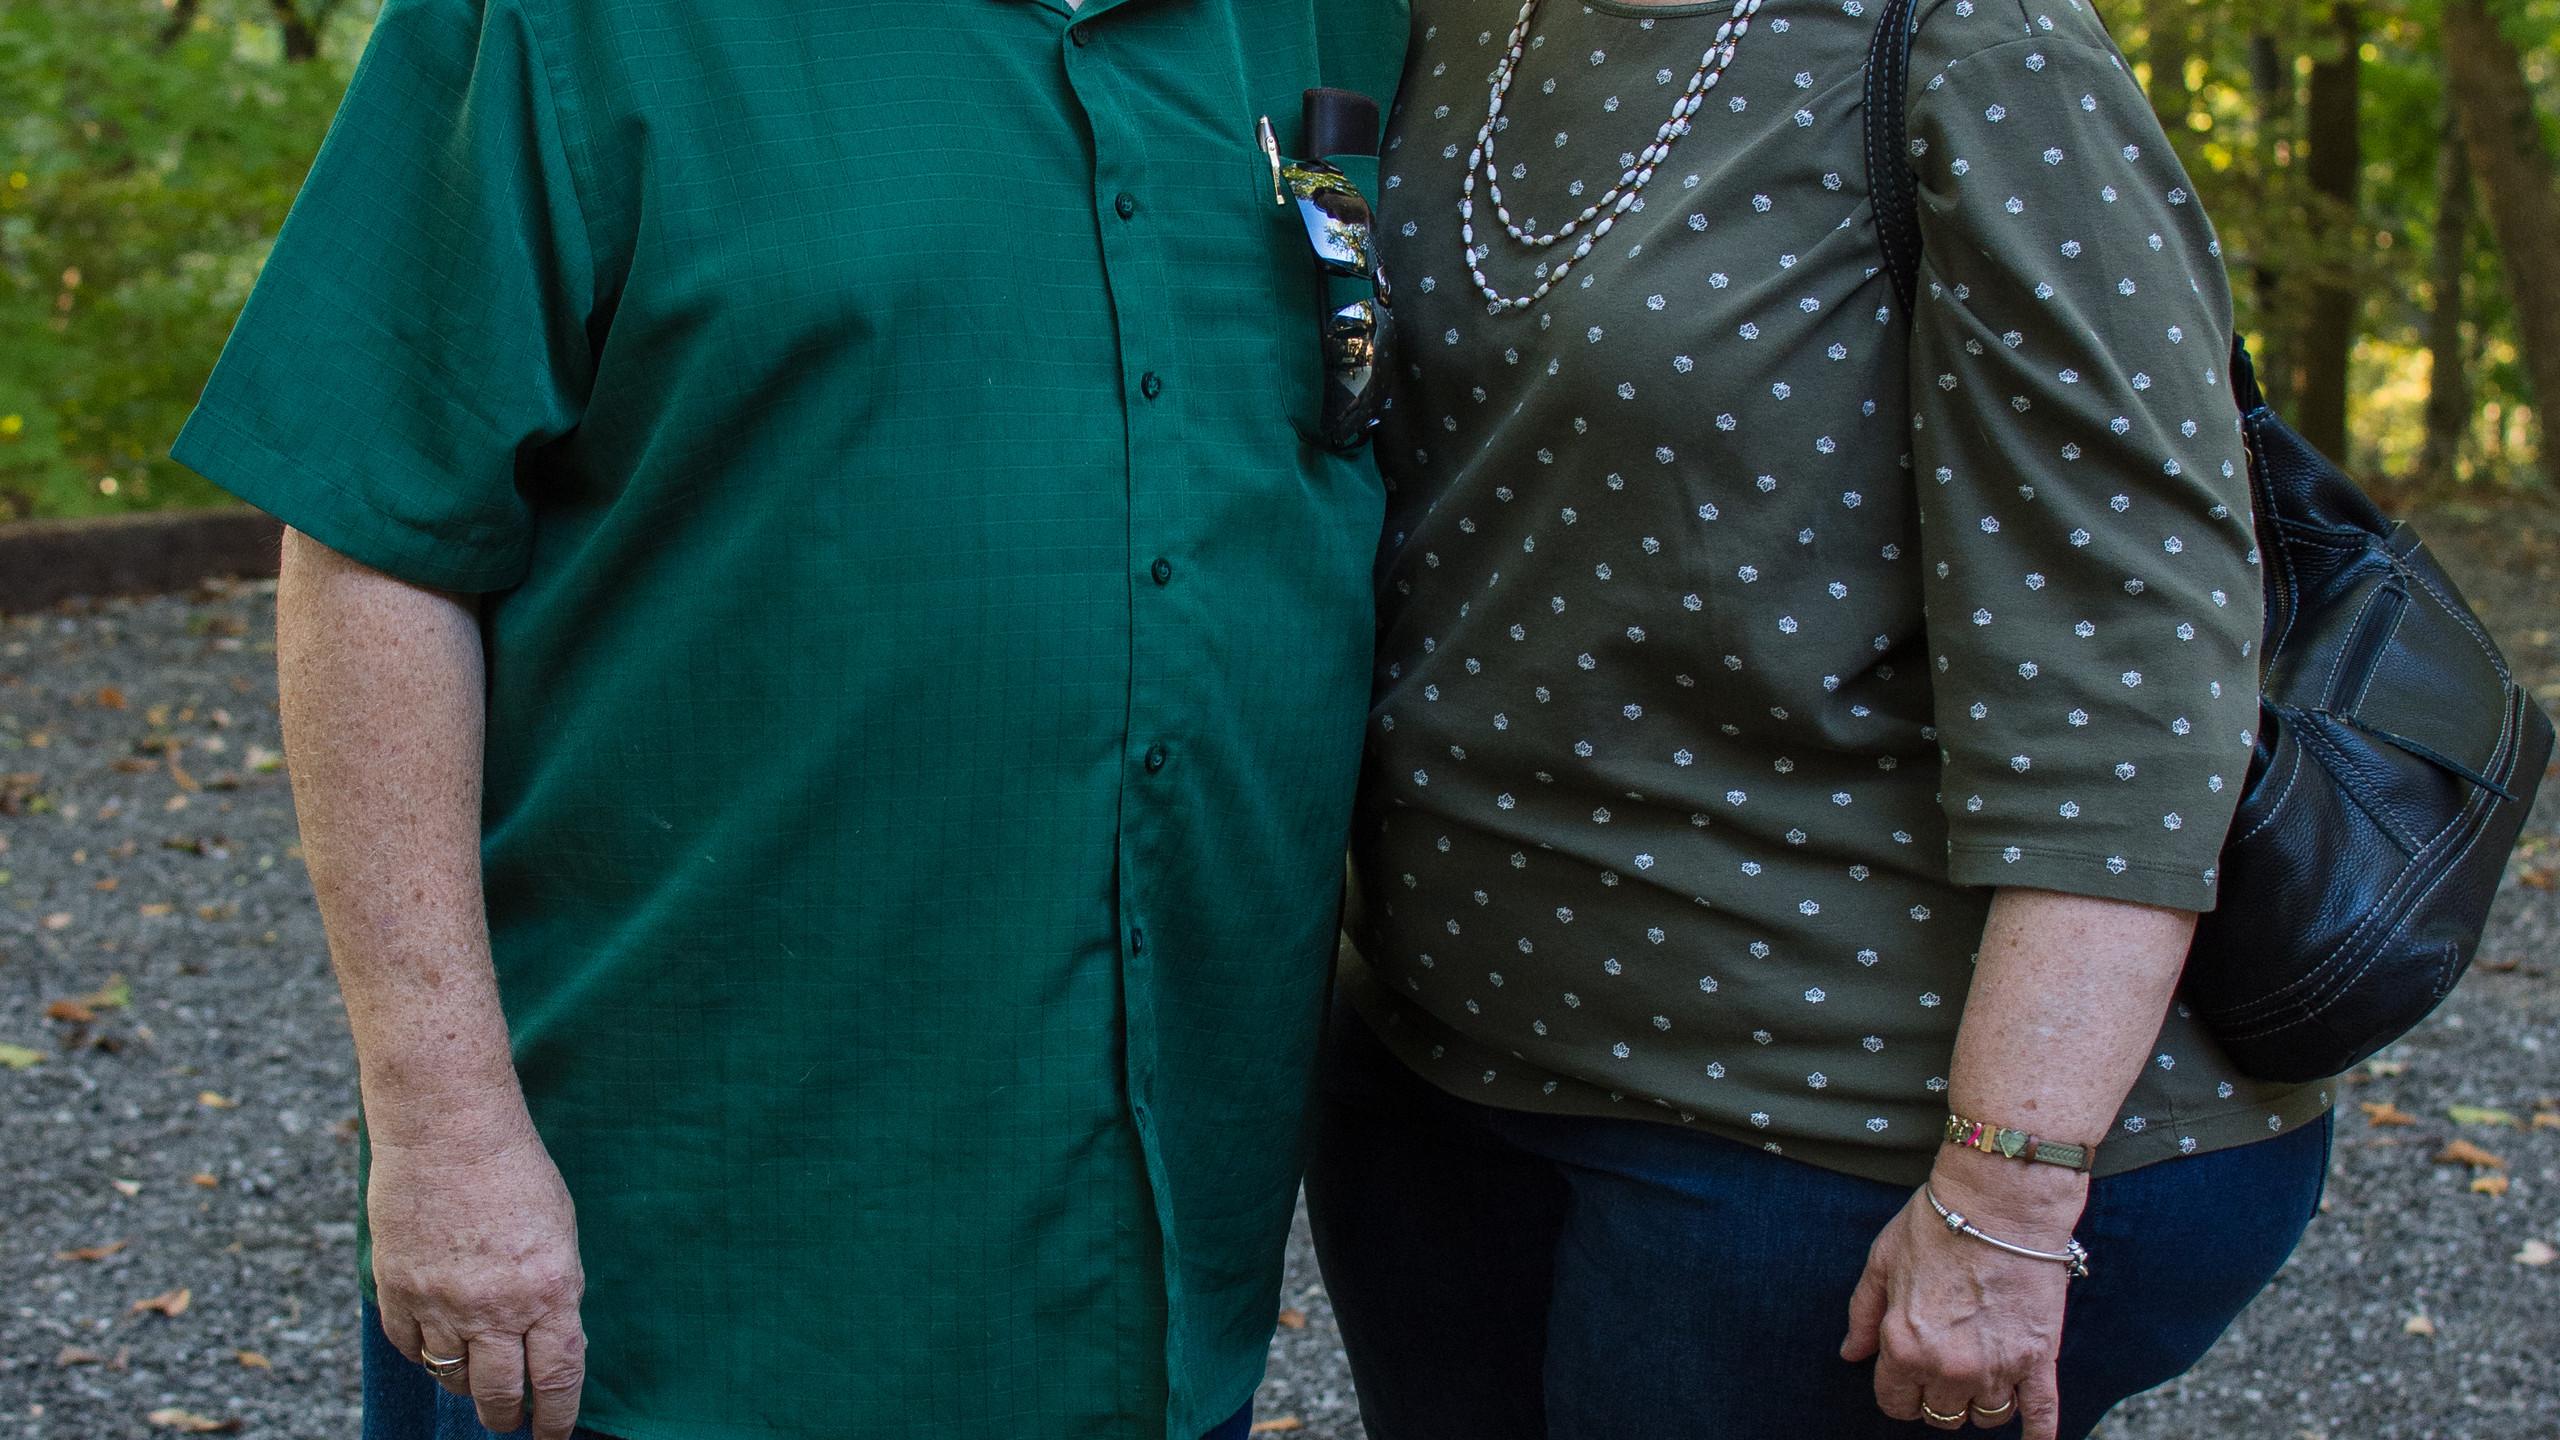 Rex and Debbie Stout